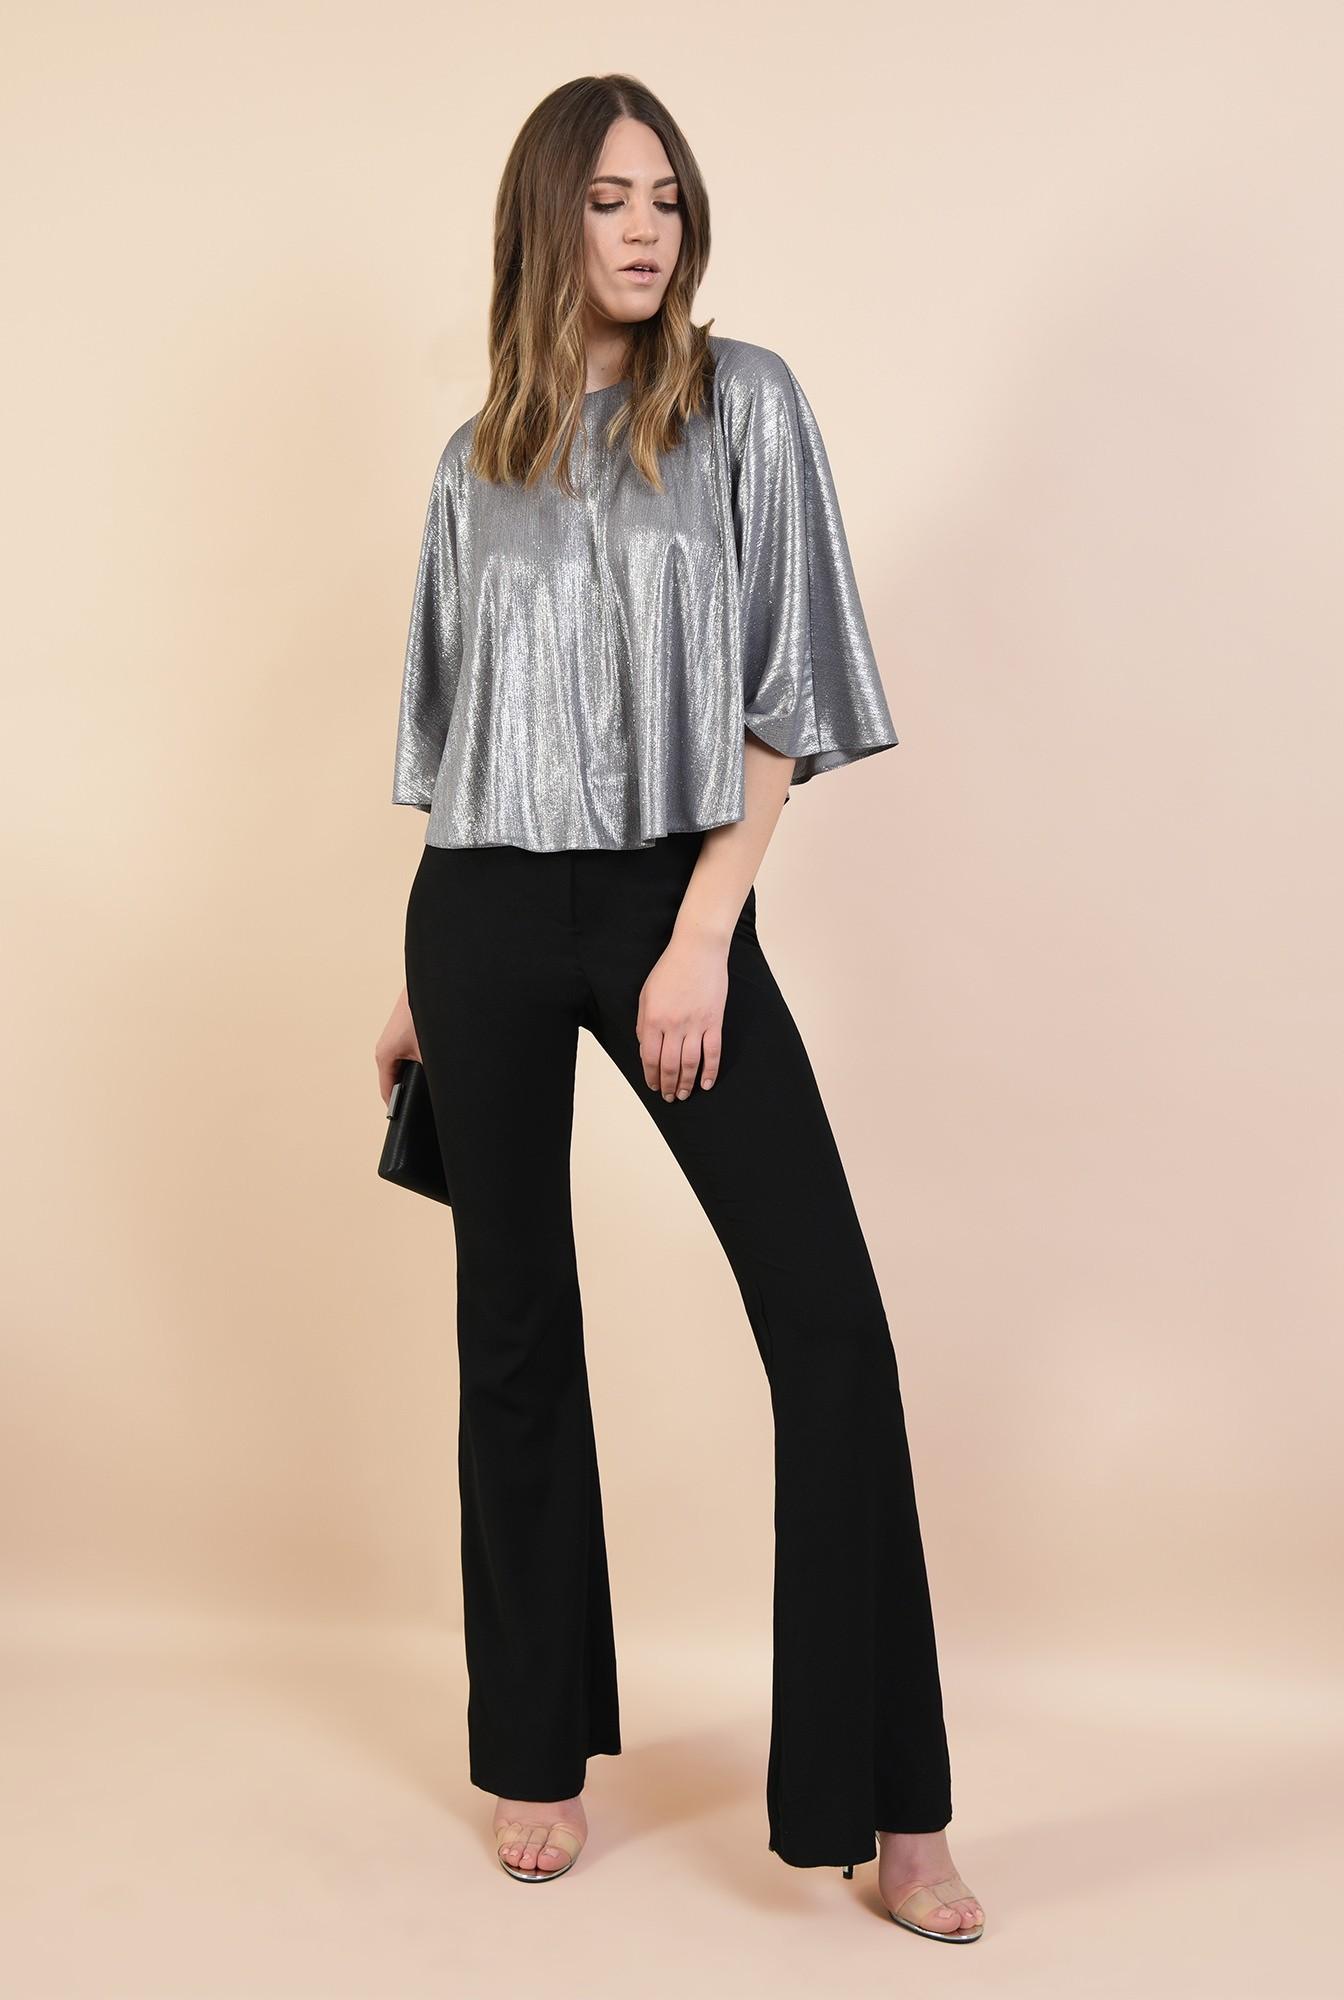 3 - bluza eleganta, tip capa, argintie, cu sclipici, maneci fluture